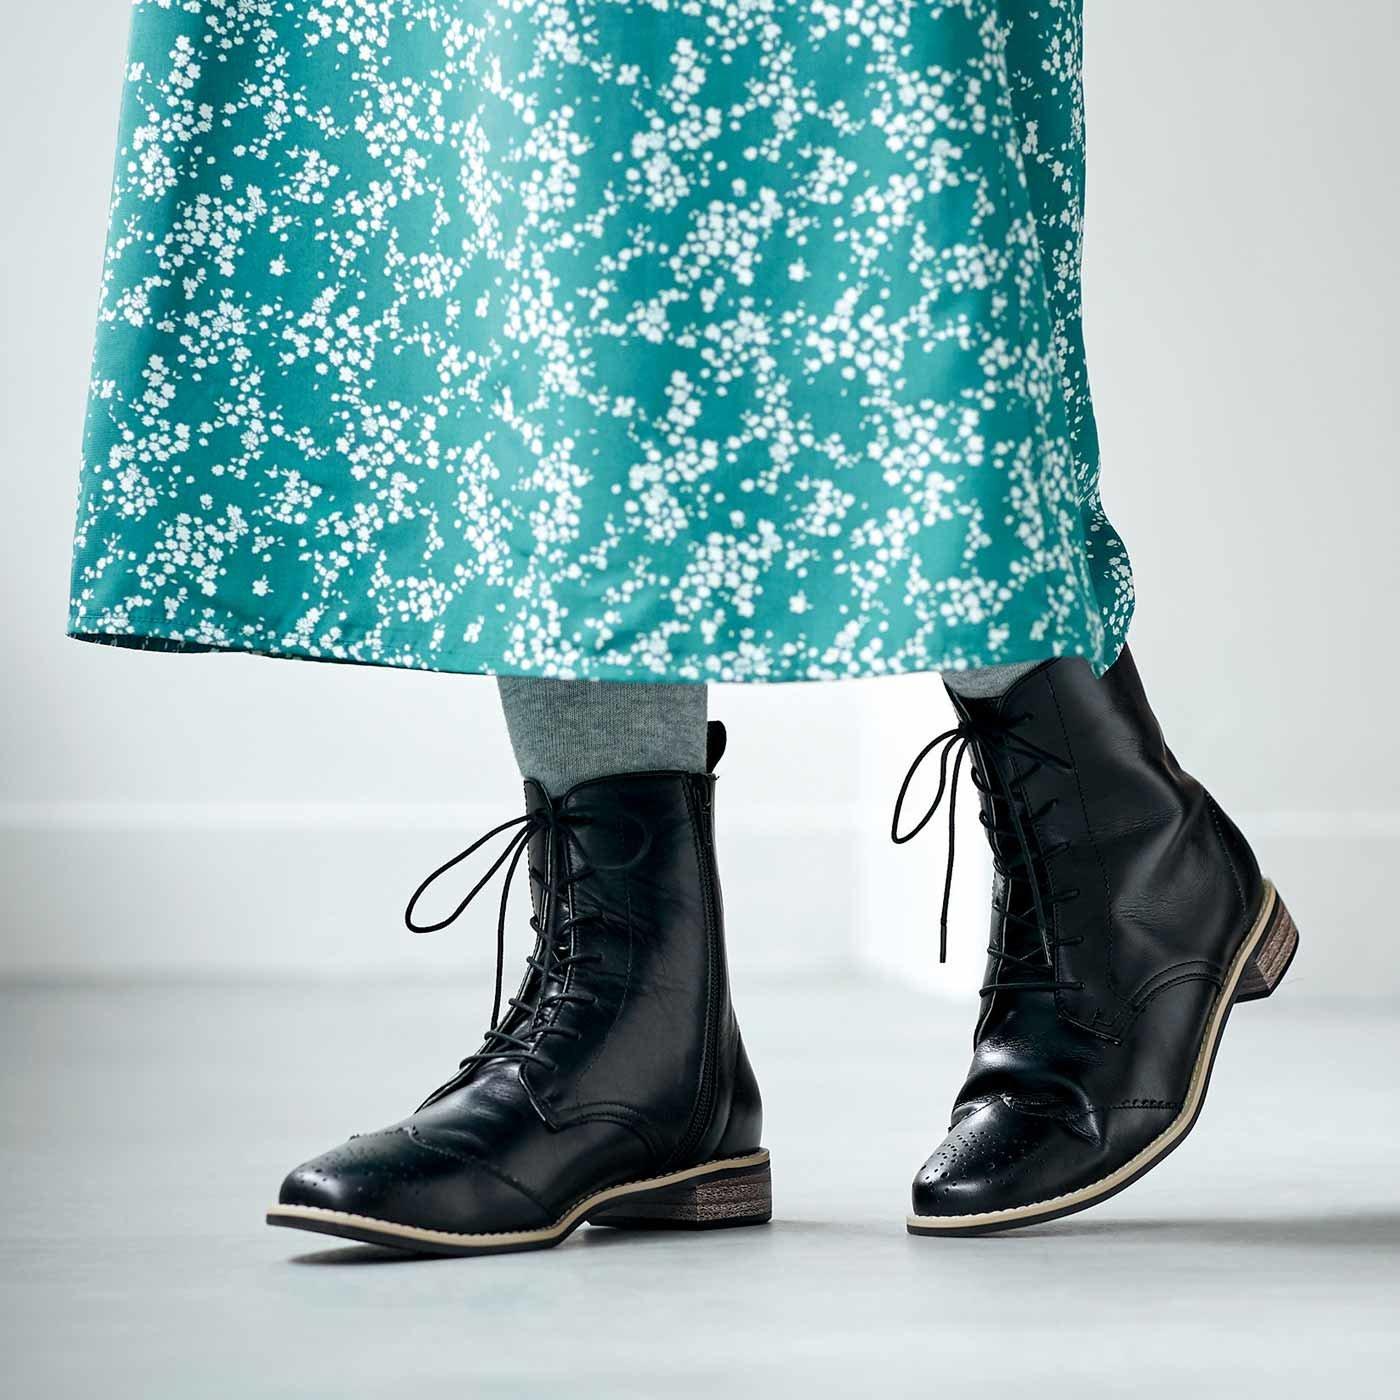 長田靴職人が叶(かな)えた 理想の本革ウィングチップブーツ〈クラシックブラック〉[本革 ブーツ:日本製]